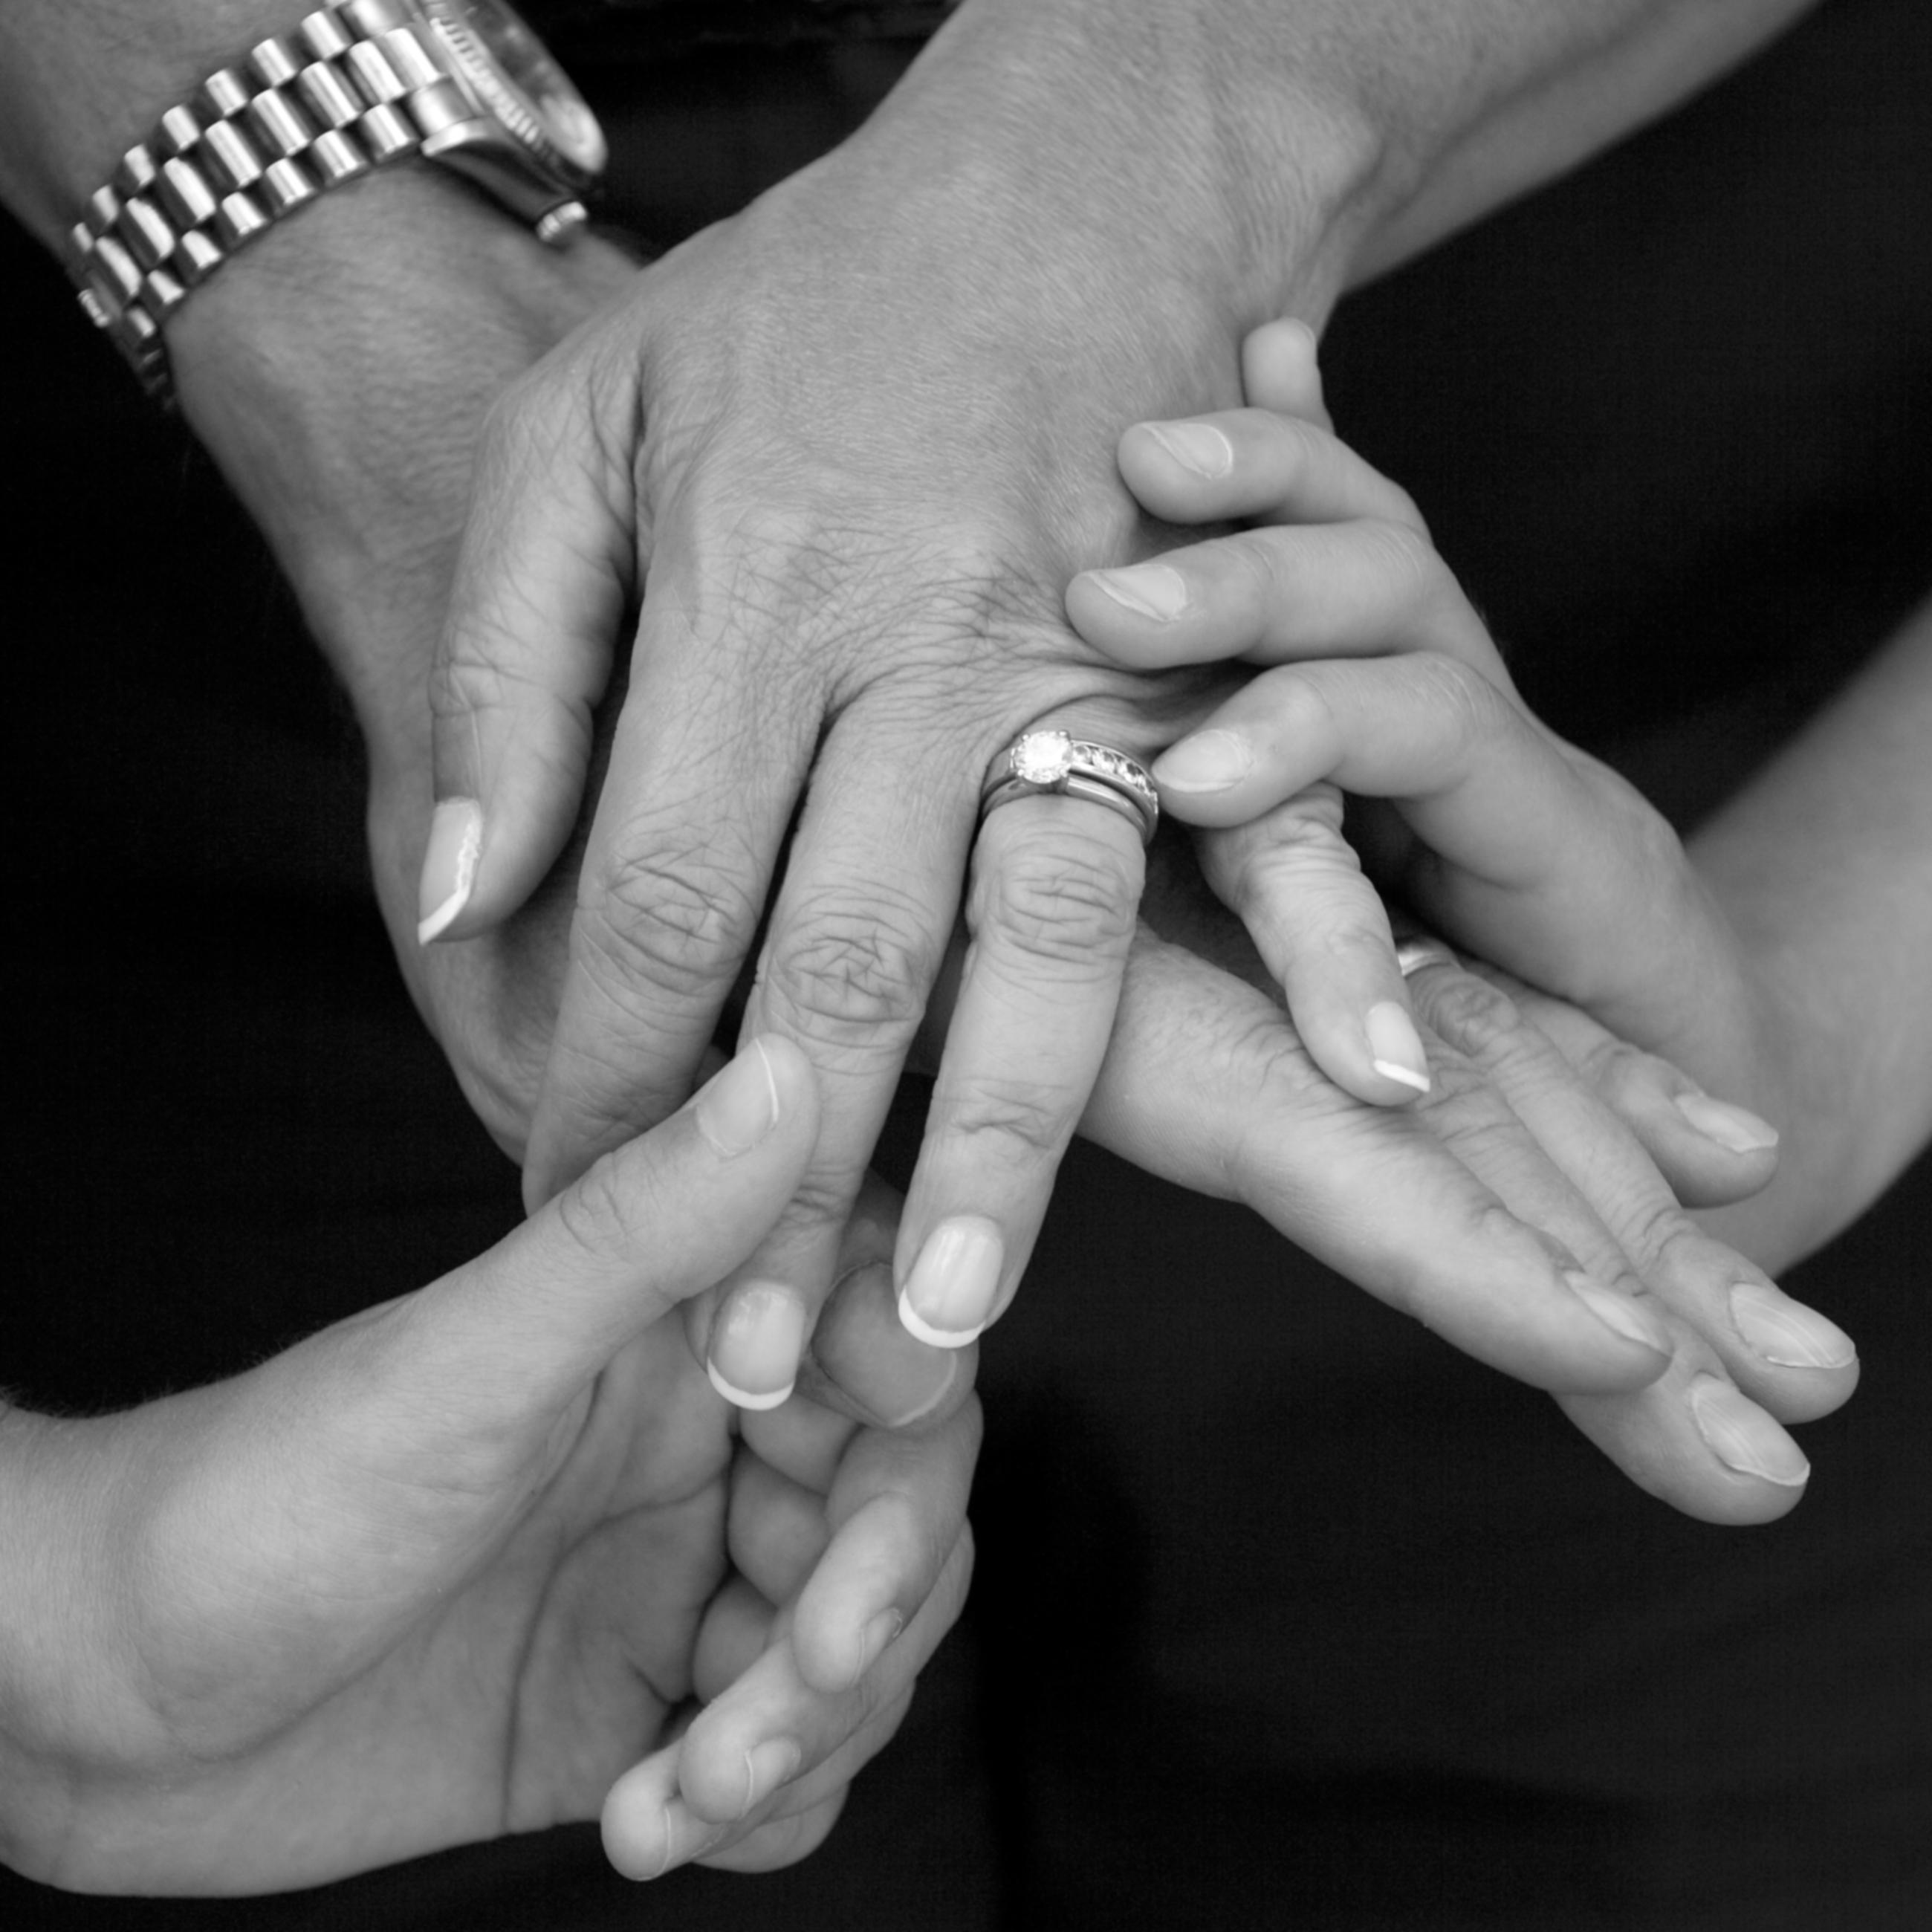 samuelson hands